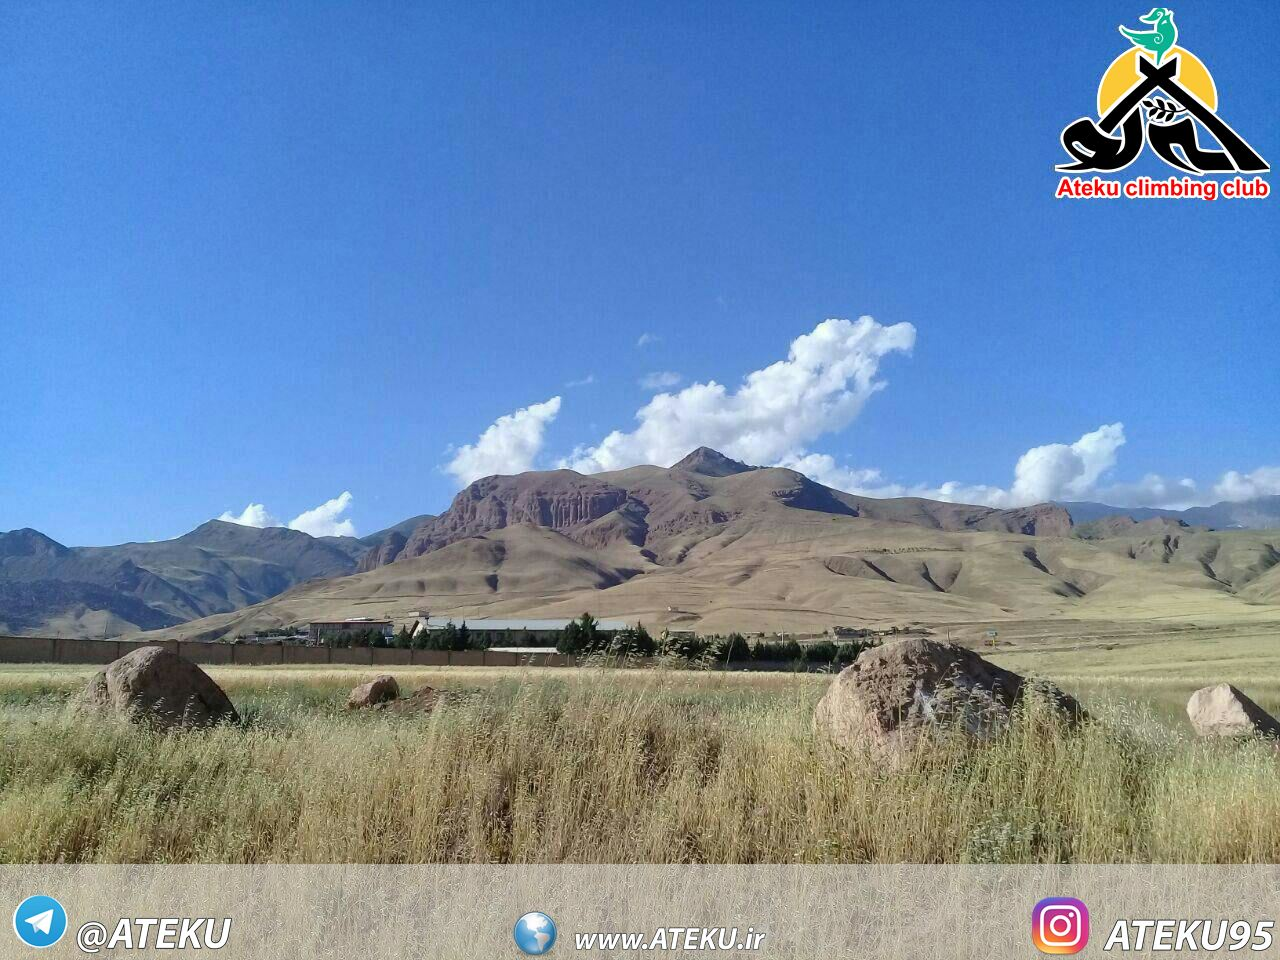 باشگاه-کوه-نوردی-اته-کو-قلعه-حسن-صباح-الموت (2)